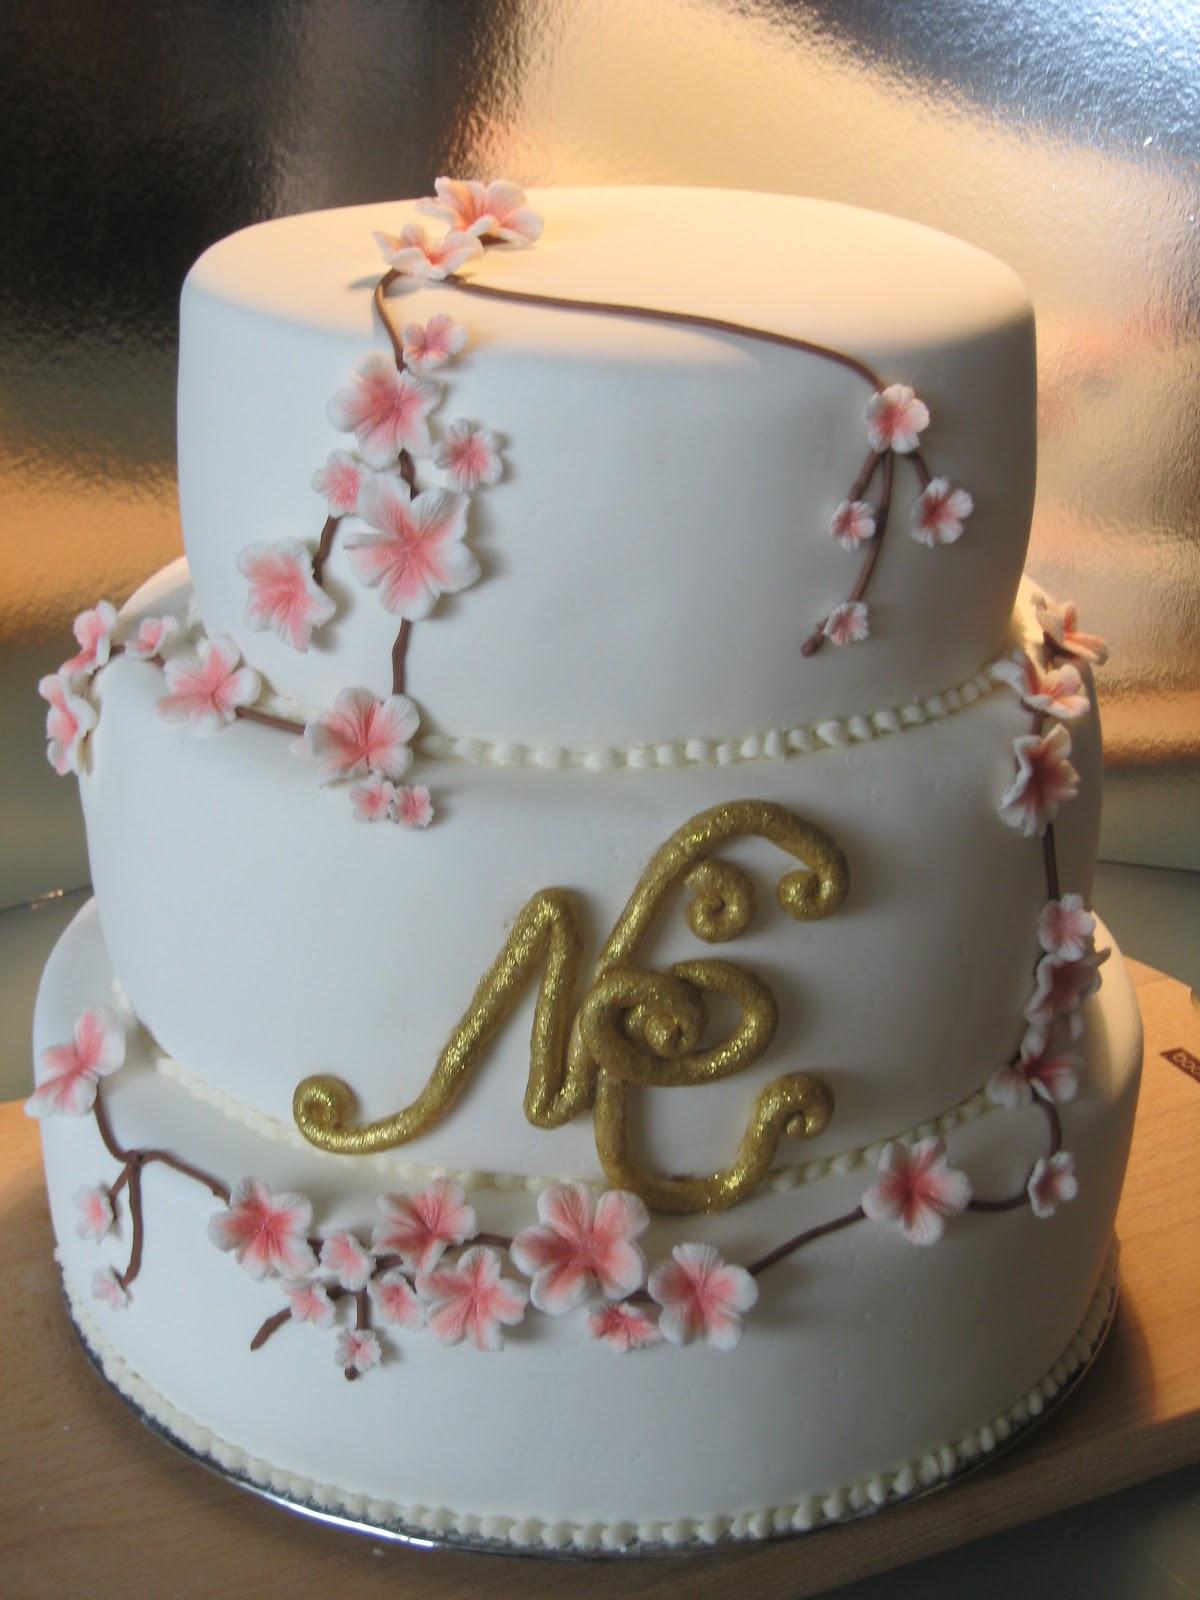 gave symbolisere bryllup og dåb